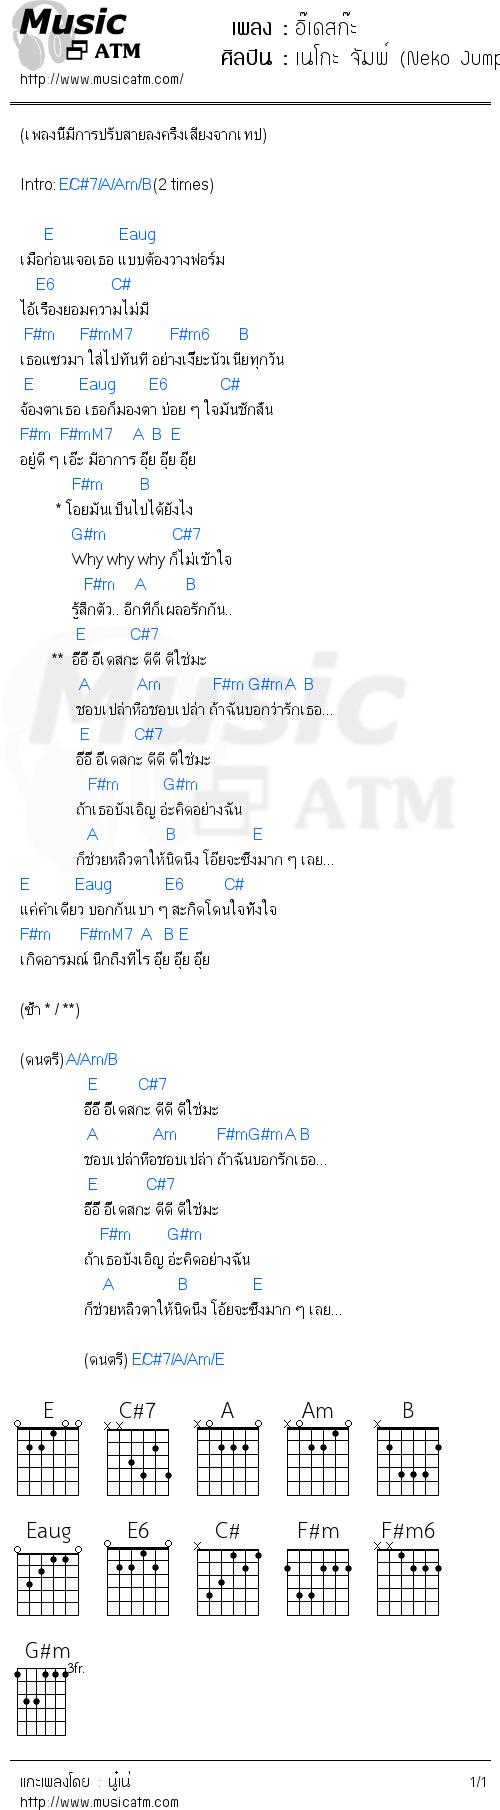 คอร์ดเพลง อิ๊เดสก๊ะ - เนโกะ จัมพ์ (Neko Jump) | คอร์ดเพลงใหม่